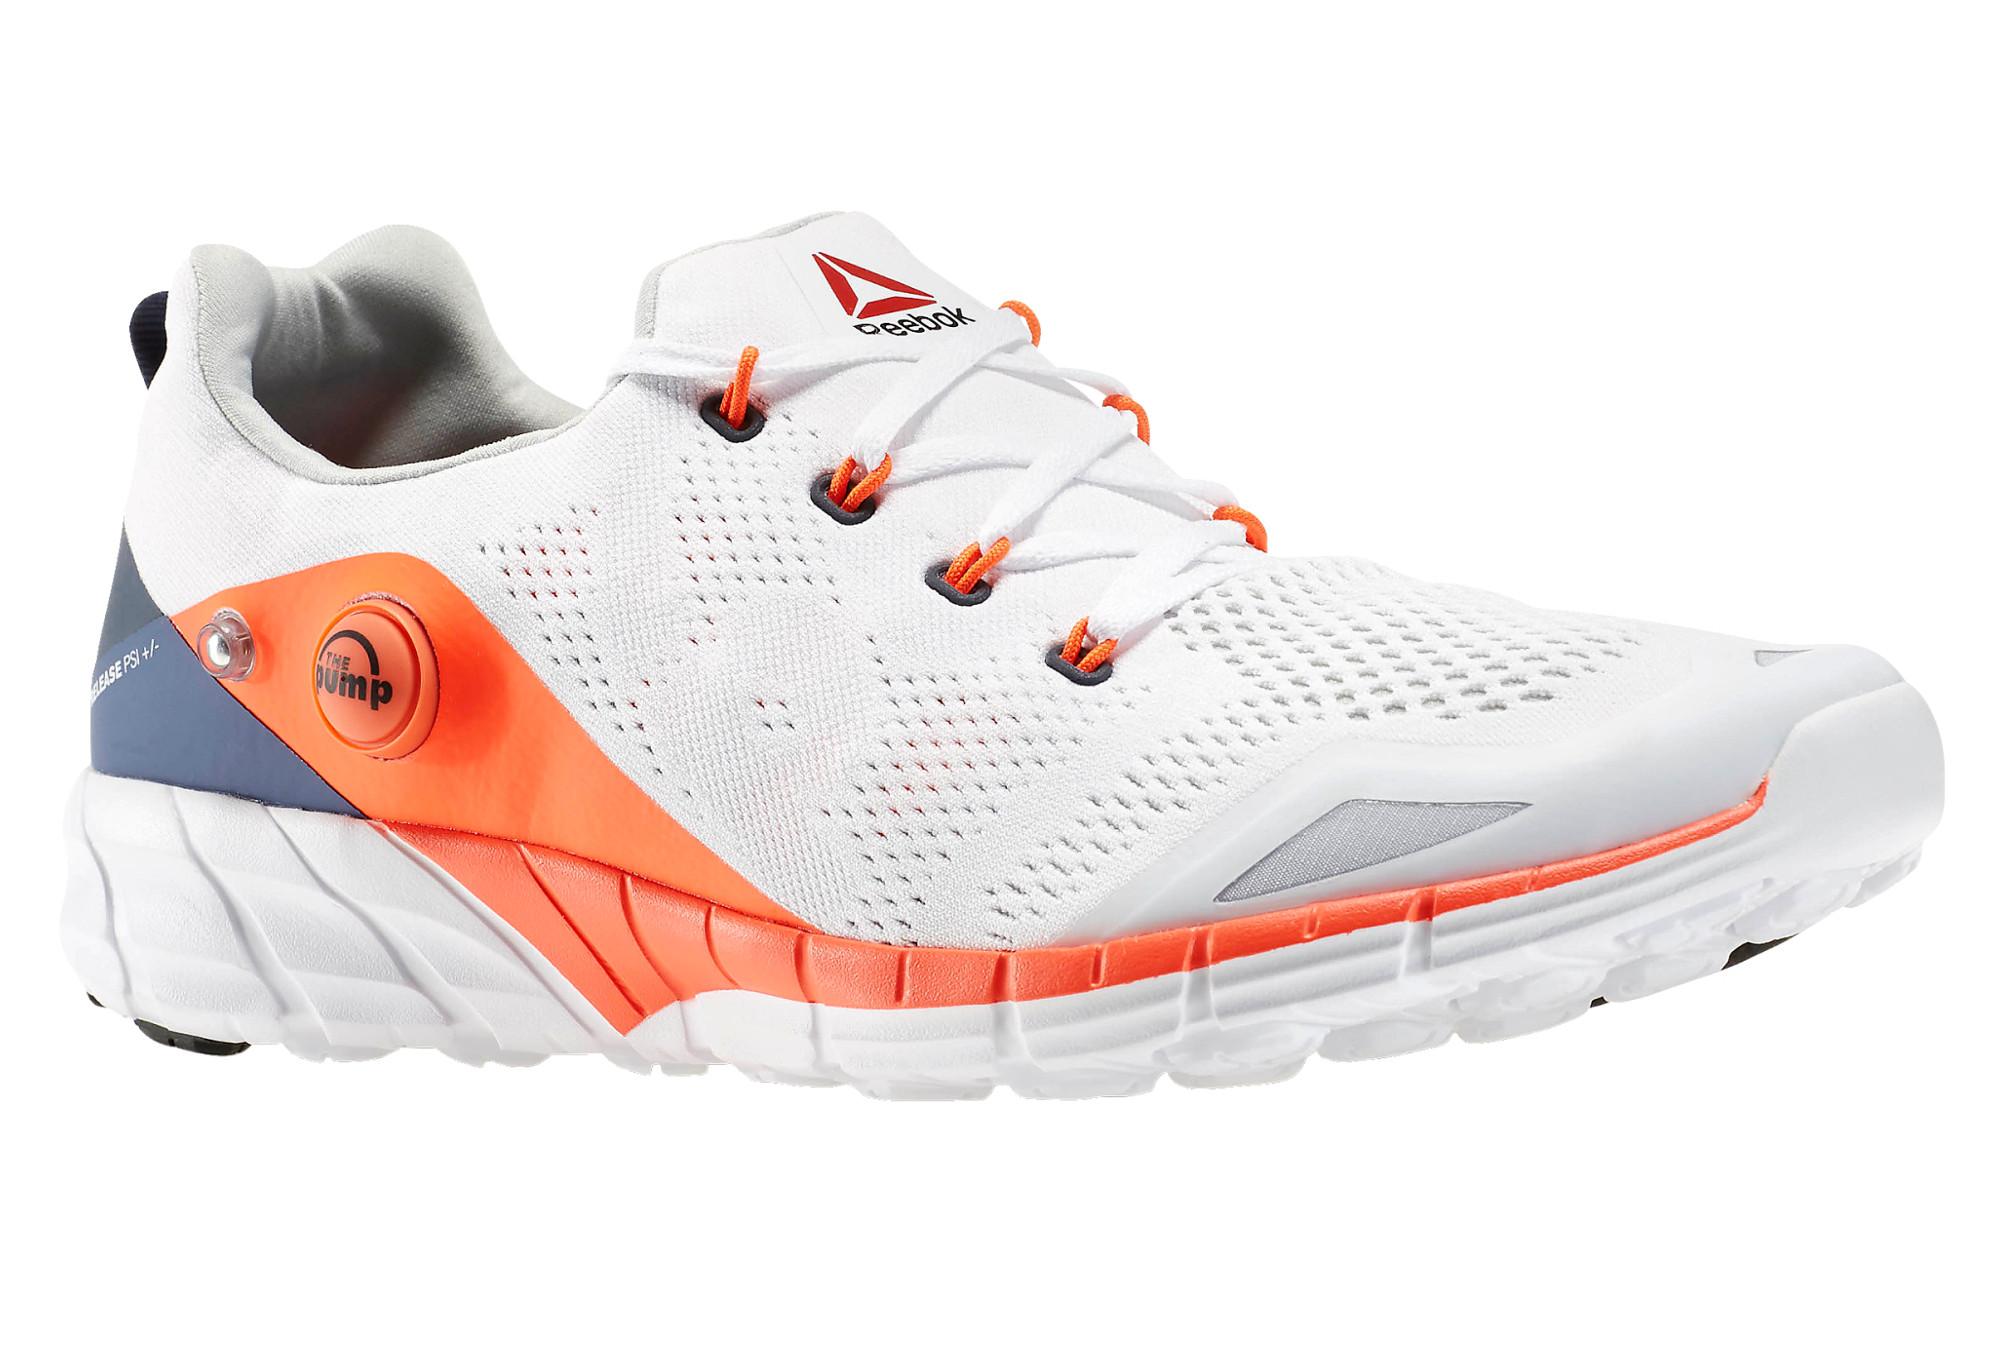 0d5f21be9c77 REEBOK Shoes ZPUMP FUSION 2.0 KNIT White Orange